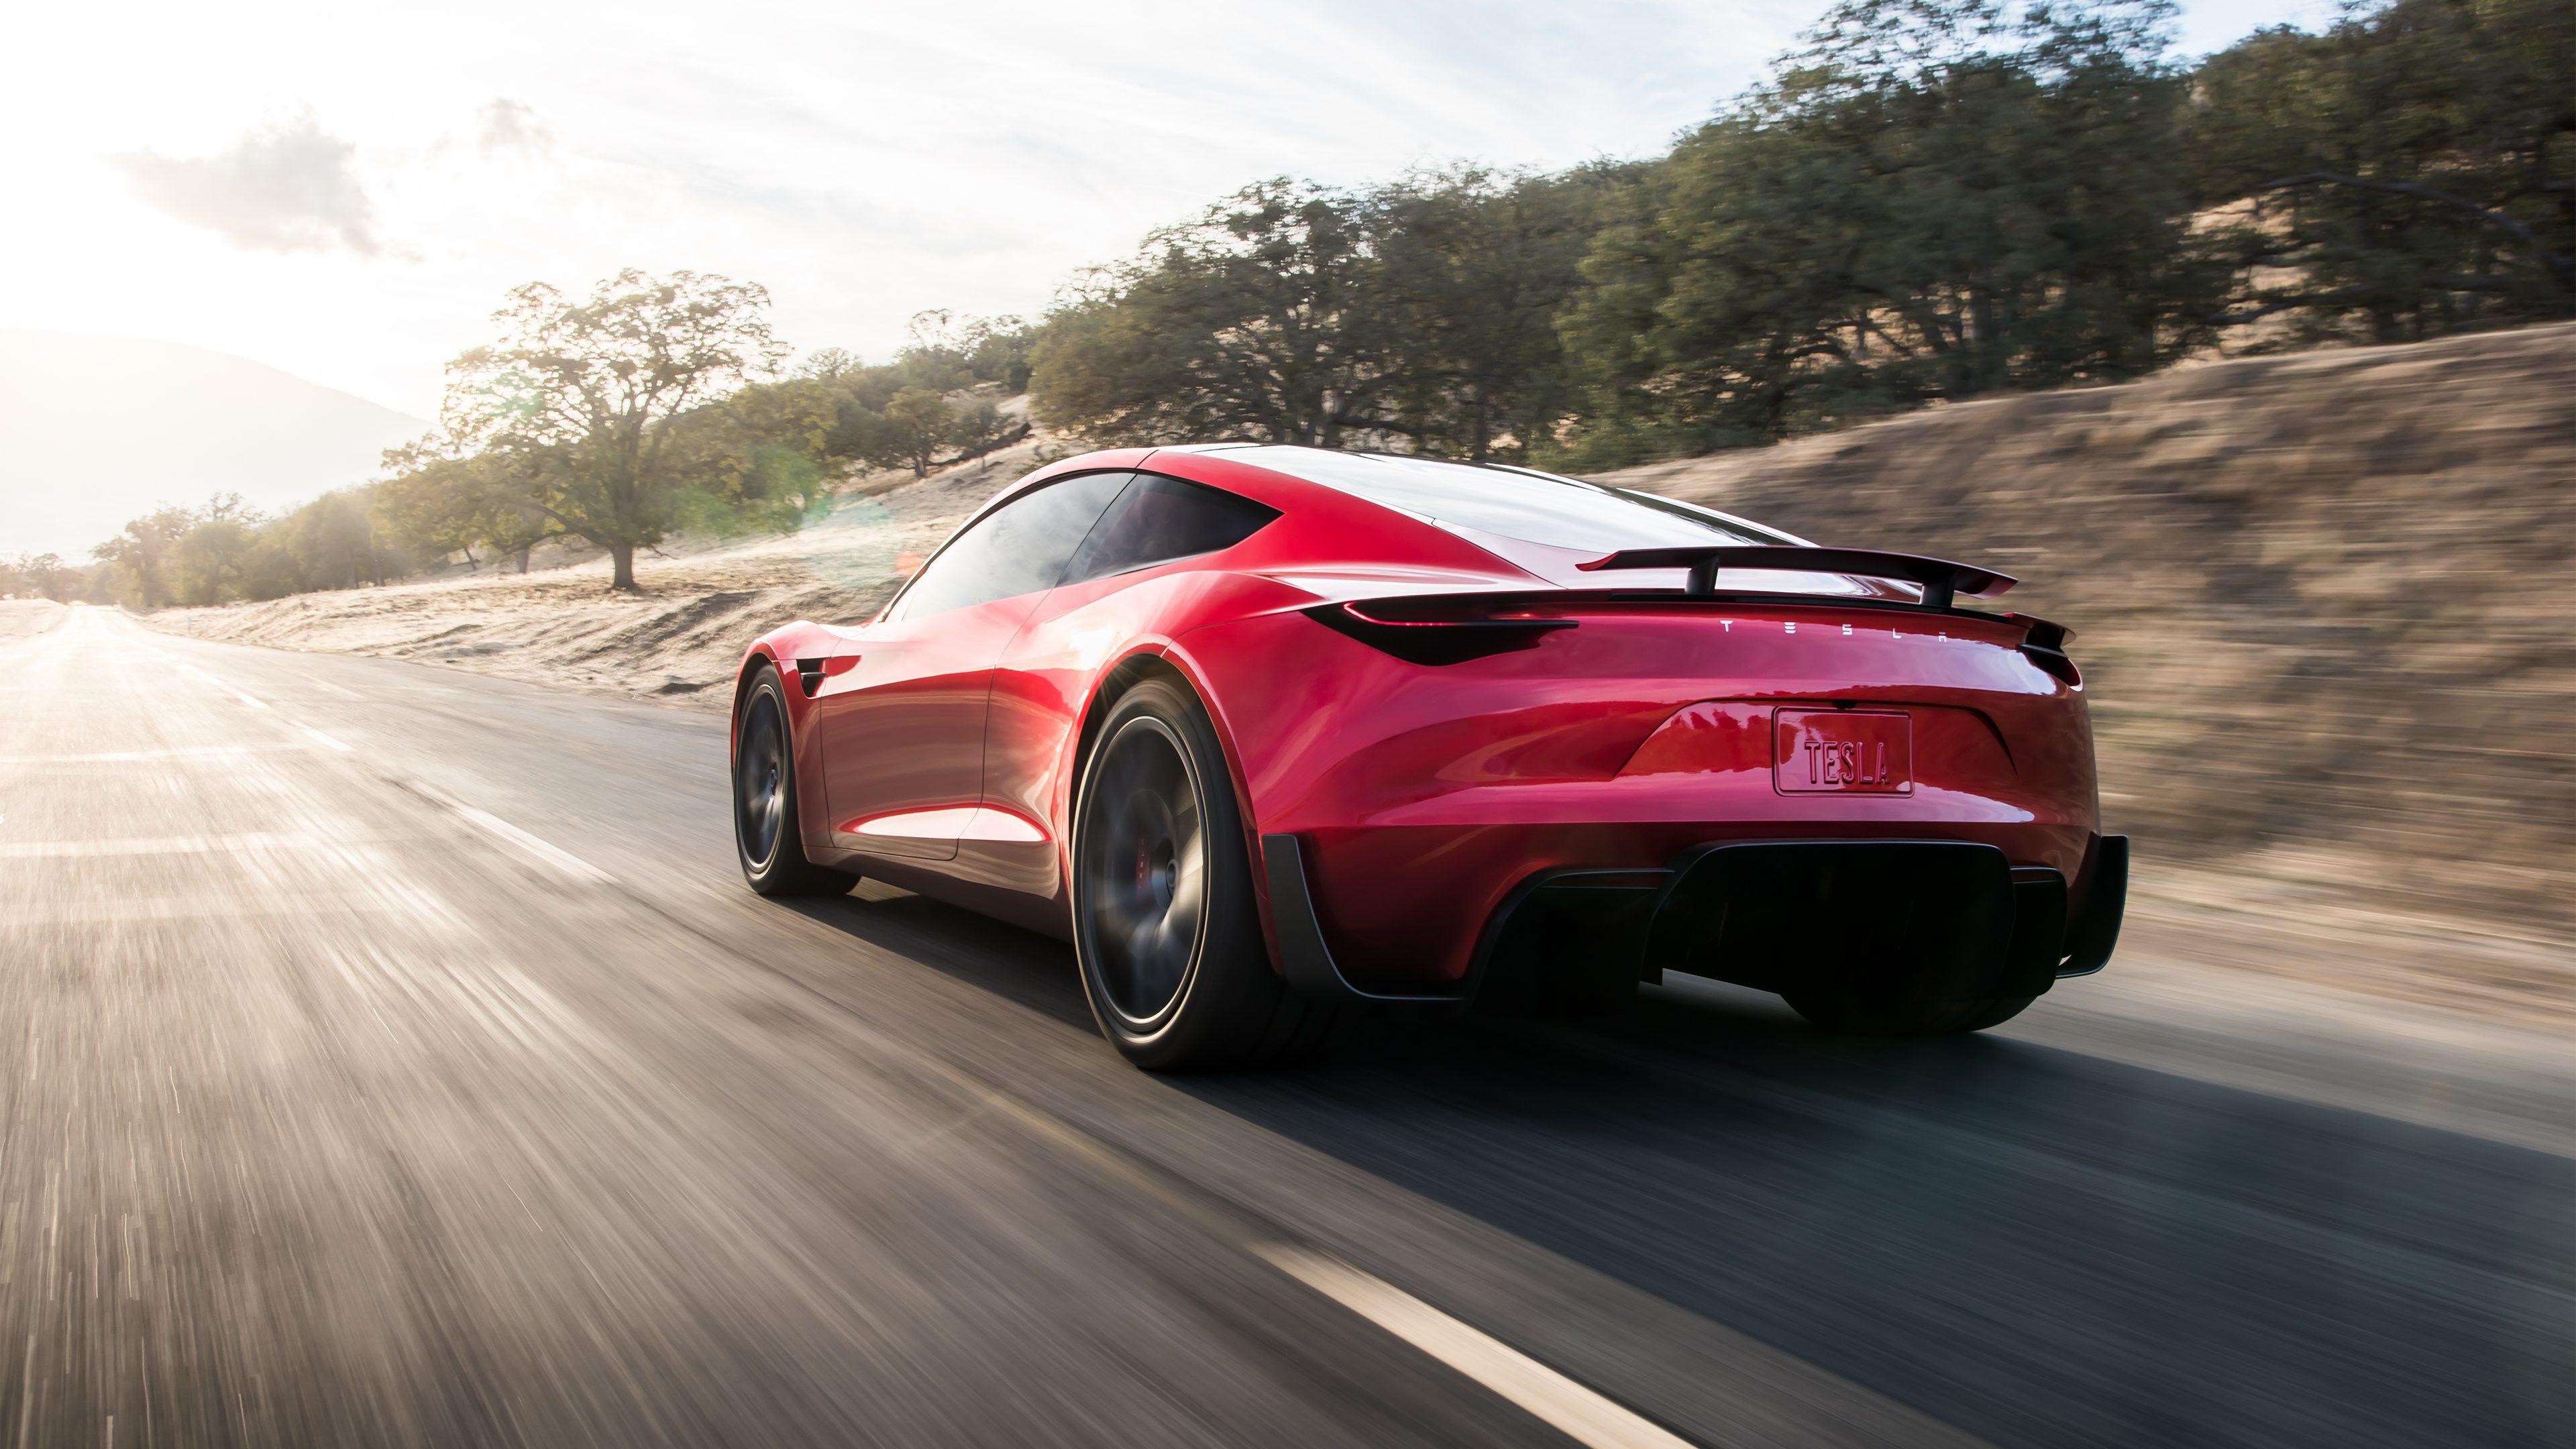 """超跑制造商:特斯拉Roadster性能让其深感""""羞愧"""""""